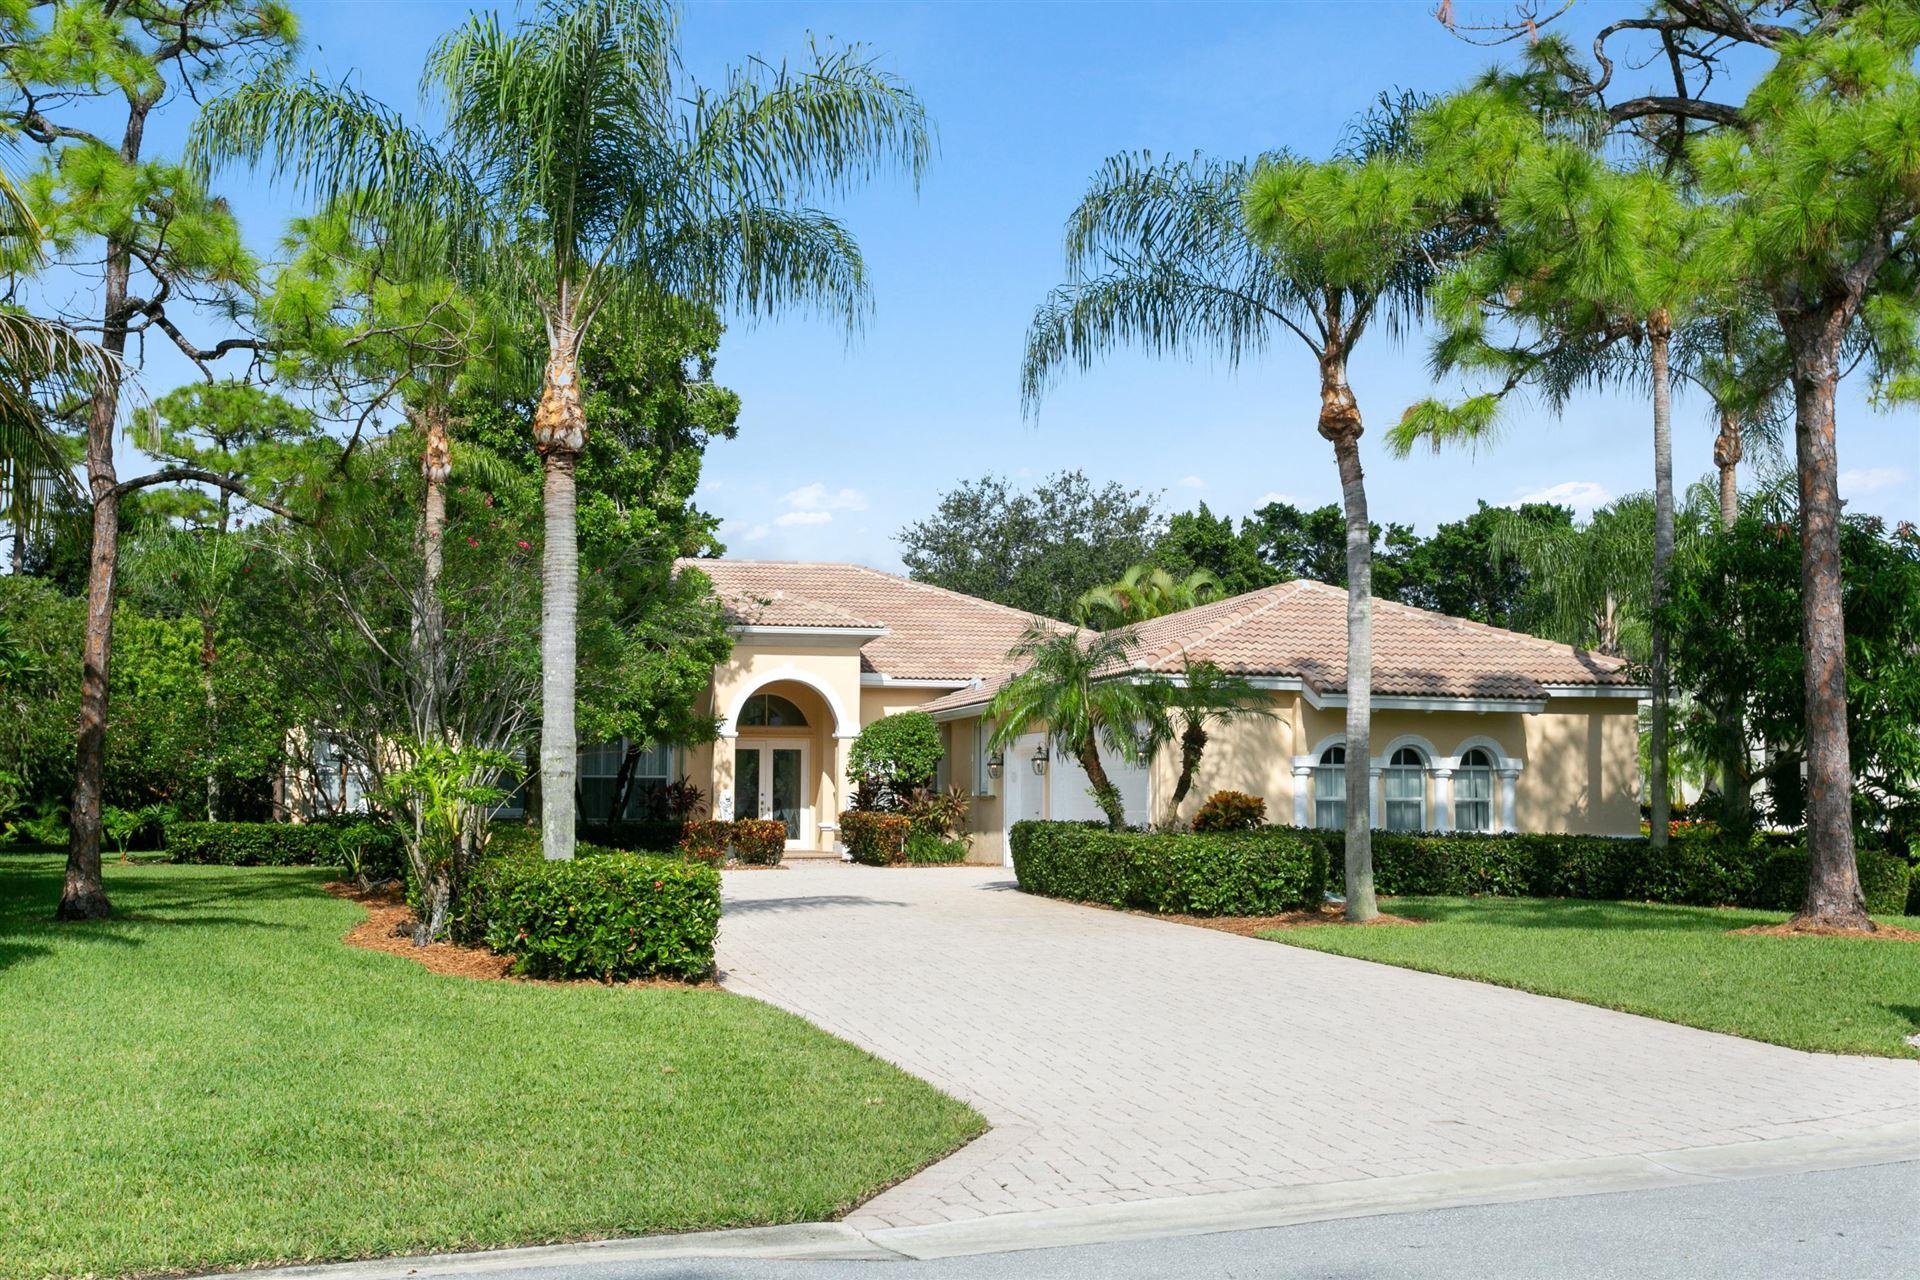 8001 Fairway Lane, West Palm Beach, FL 33412 - #: RX-10657888